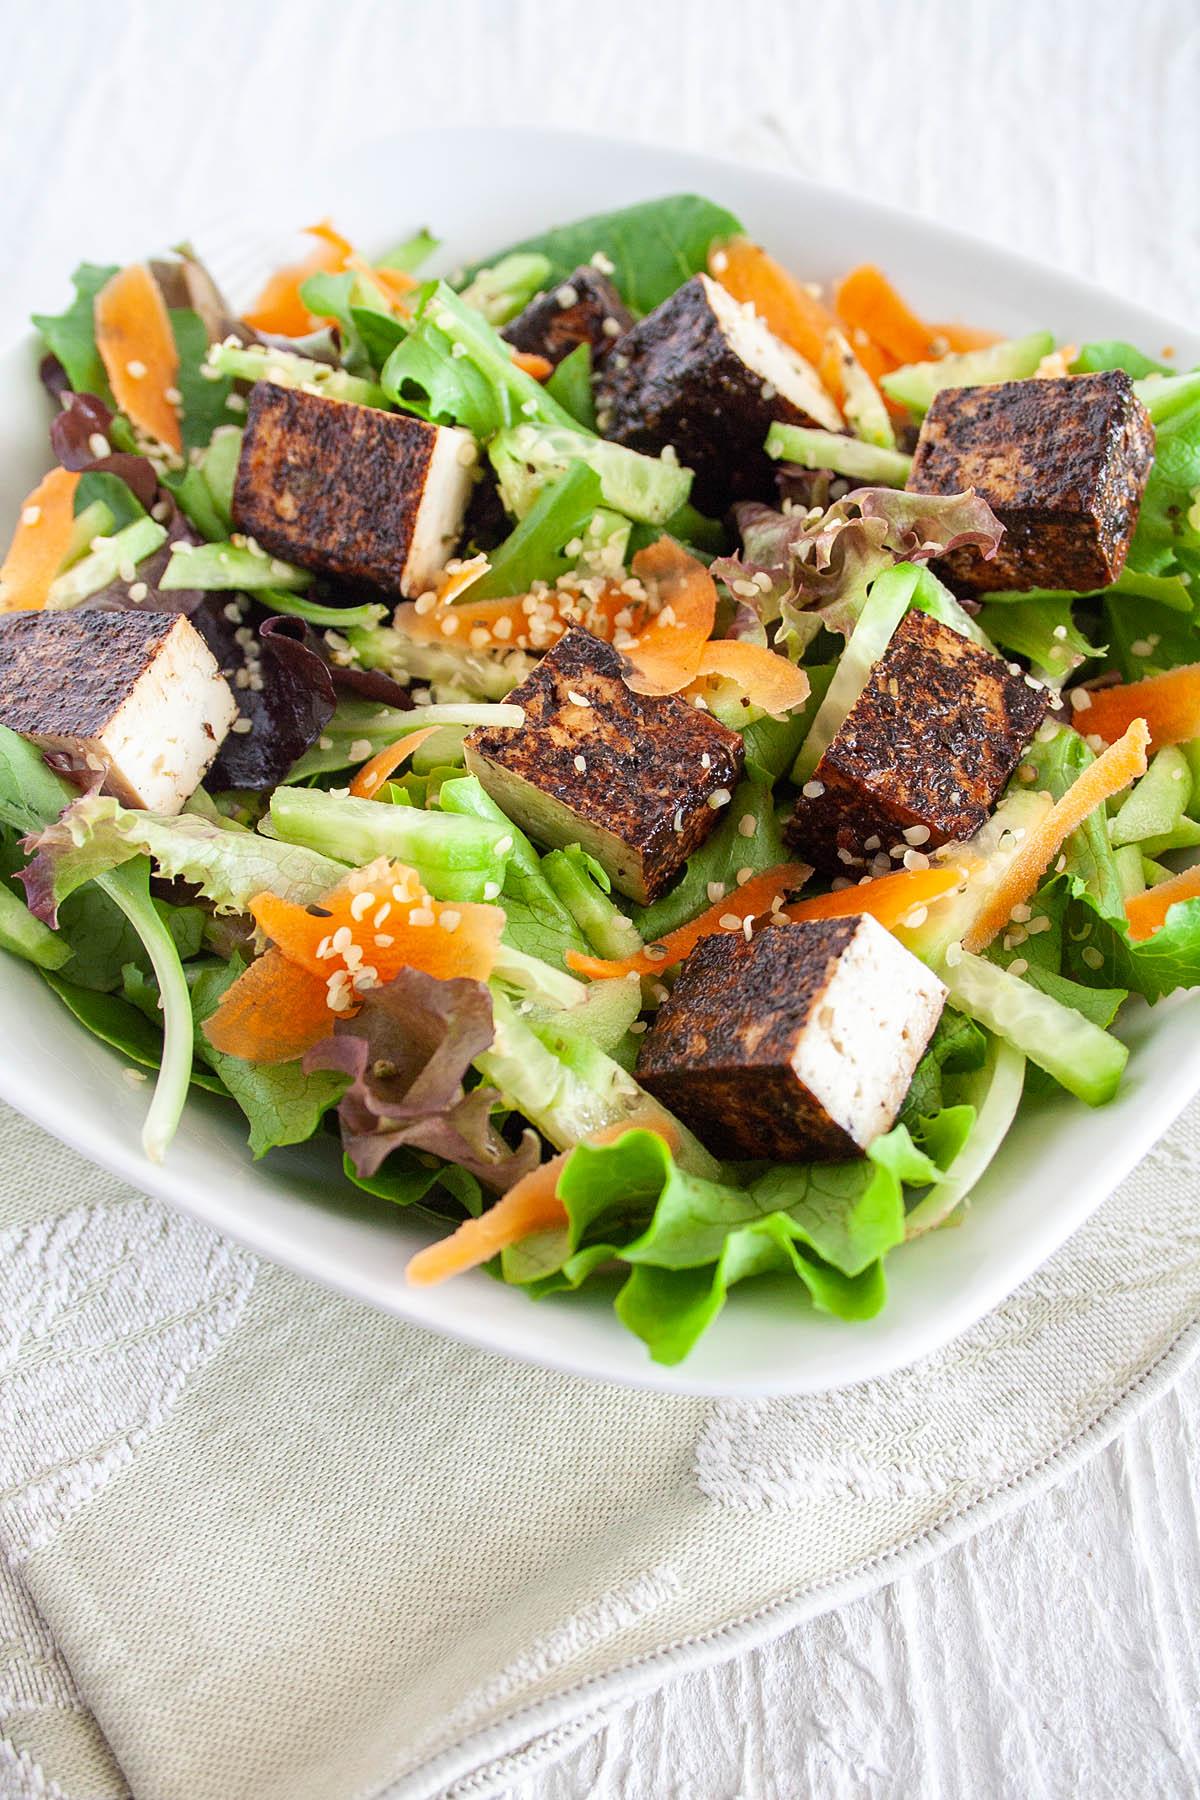 Balsamic Tofu on a salad.